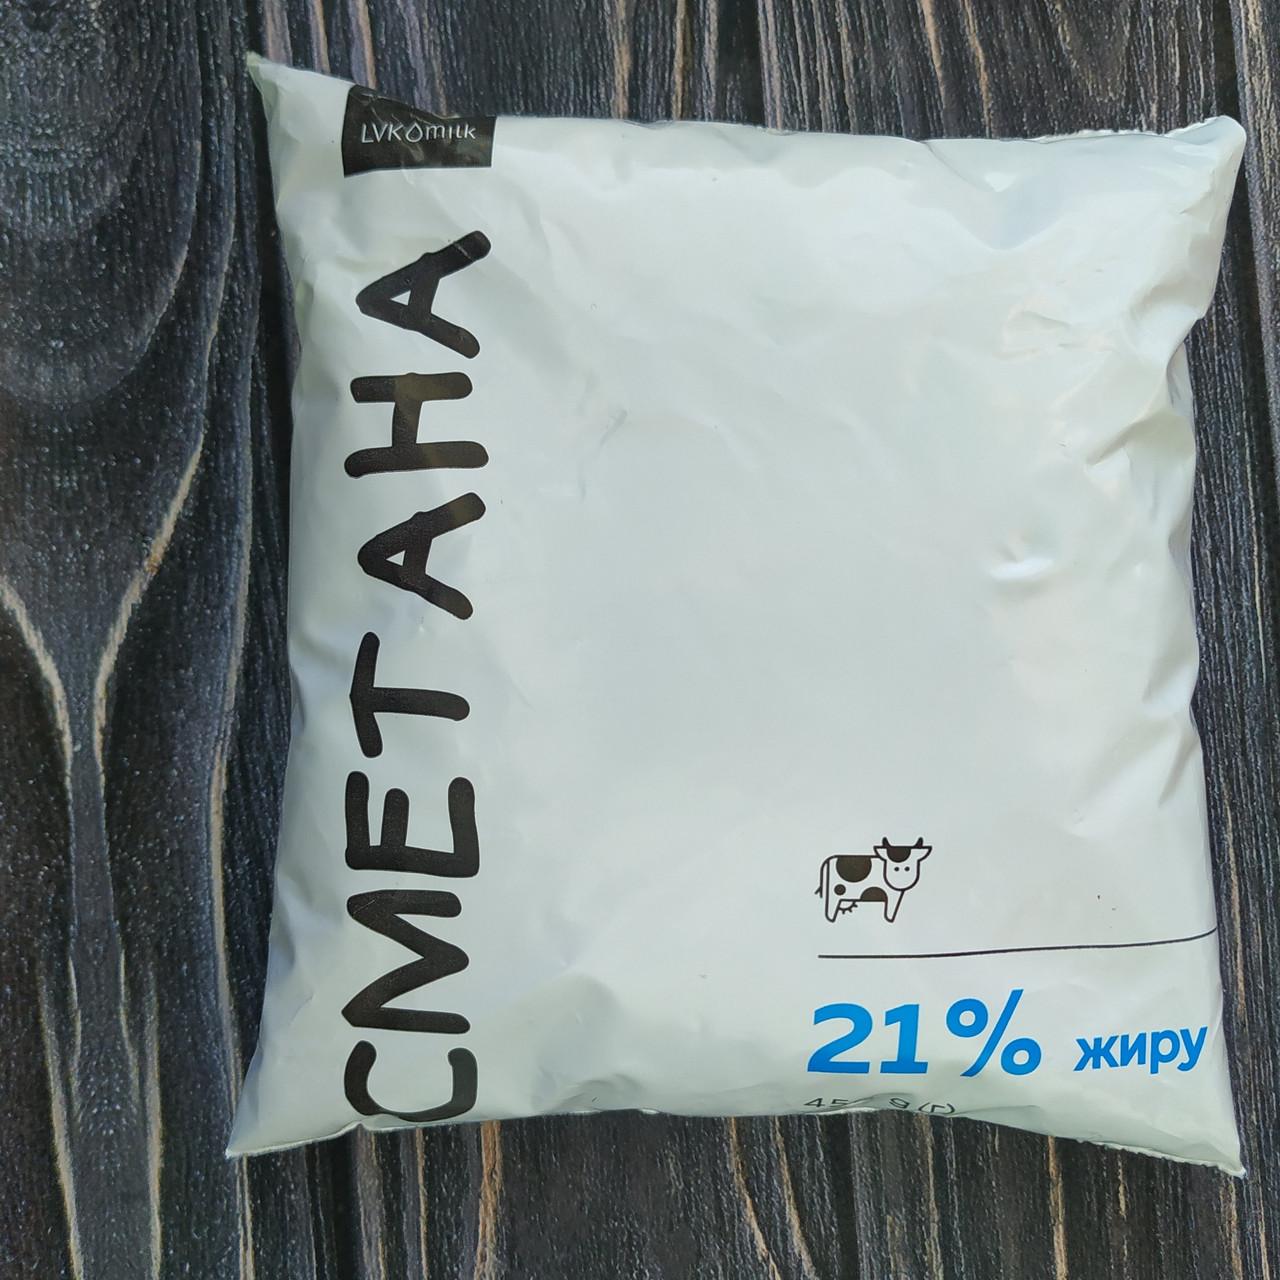 Сметана 21% 450г LVK milk